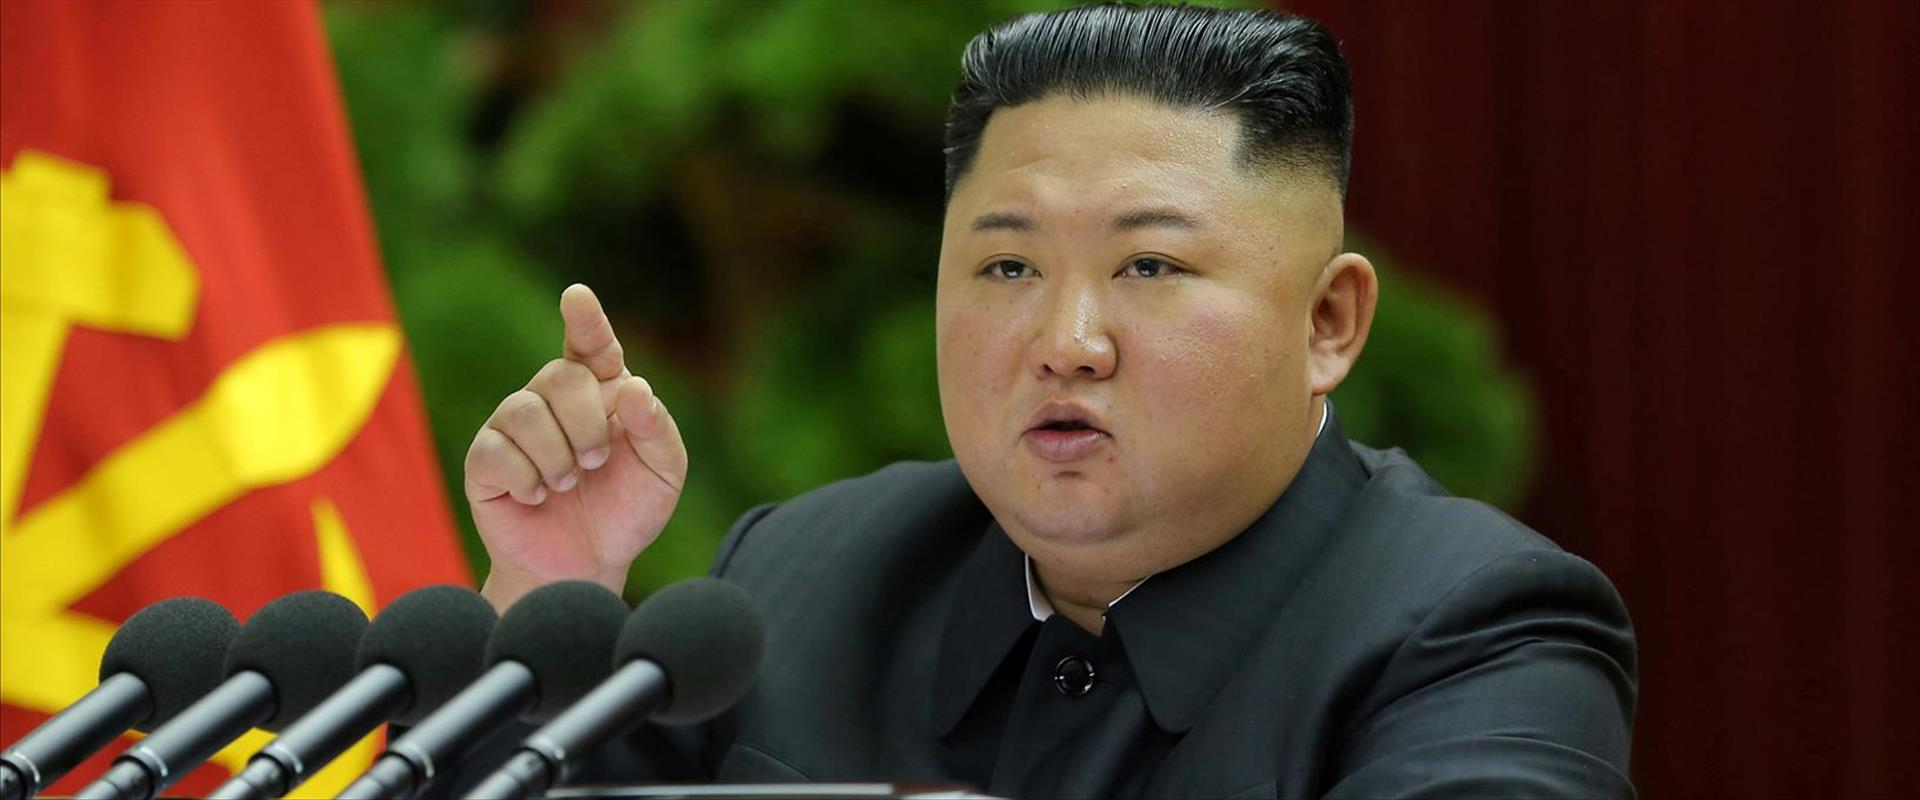 קים ג'ונג און מנהיג קוריאה הצפונית